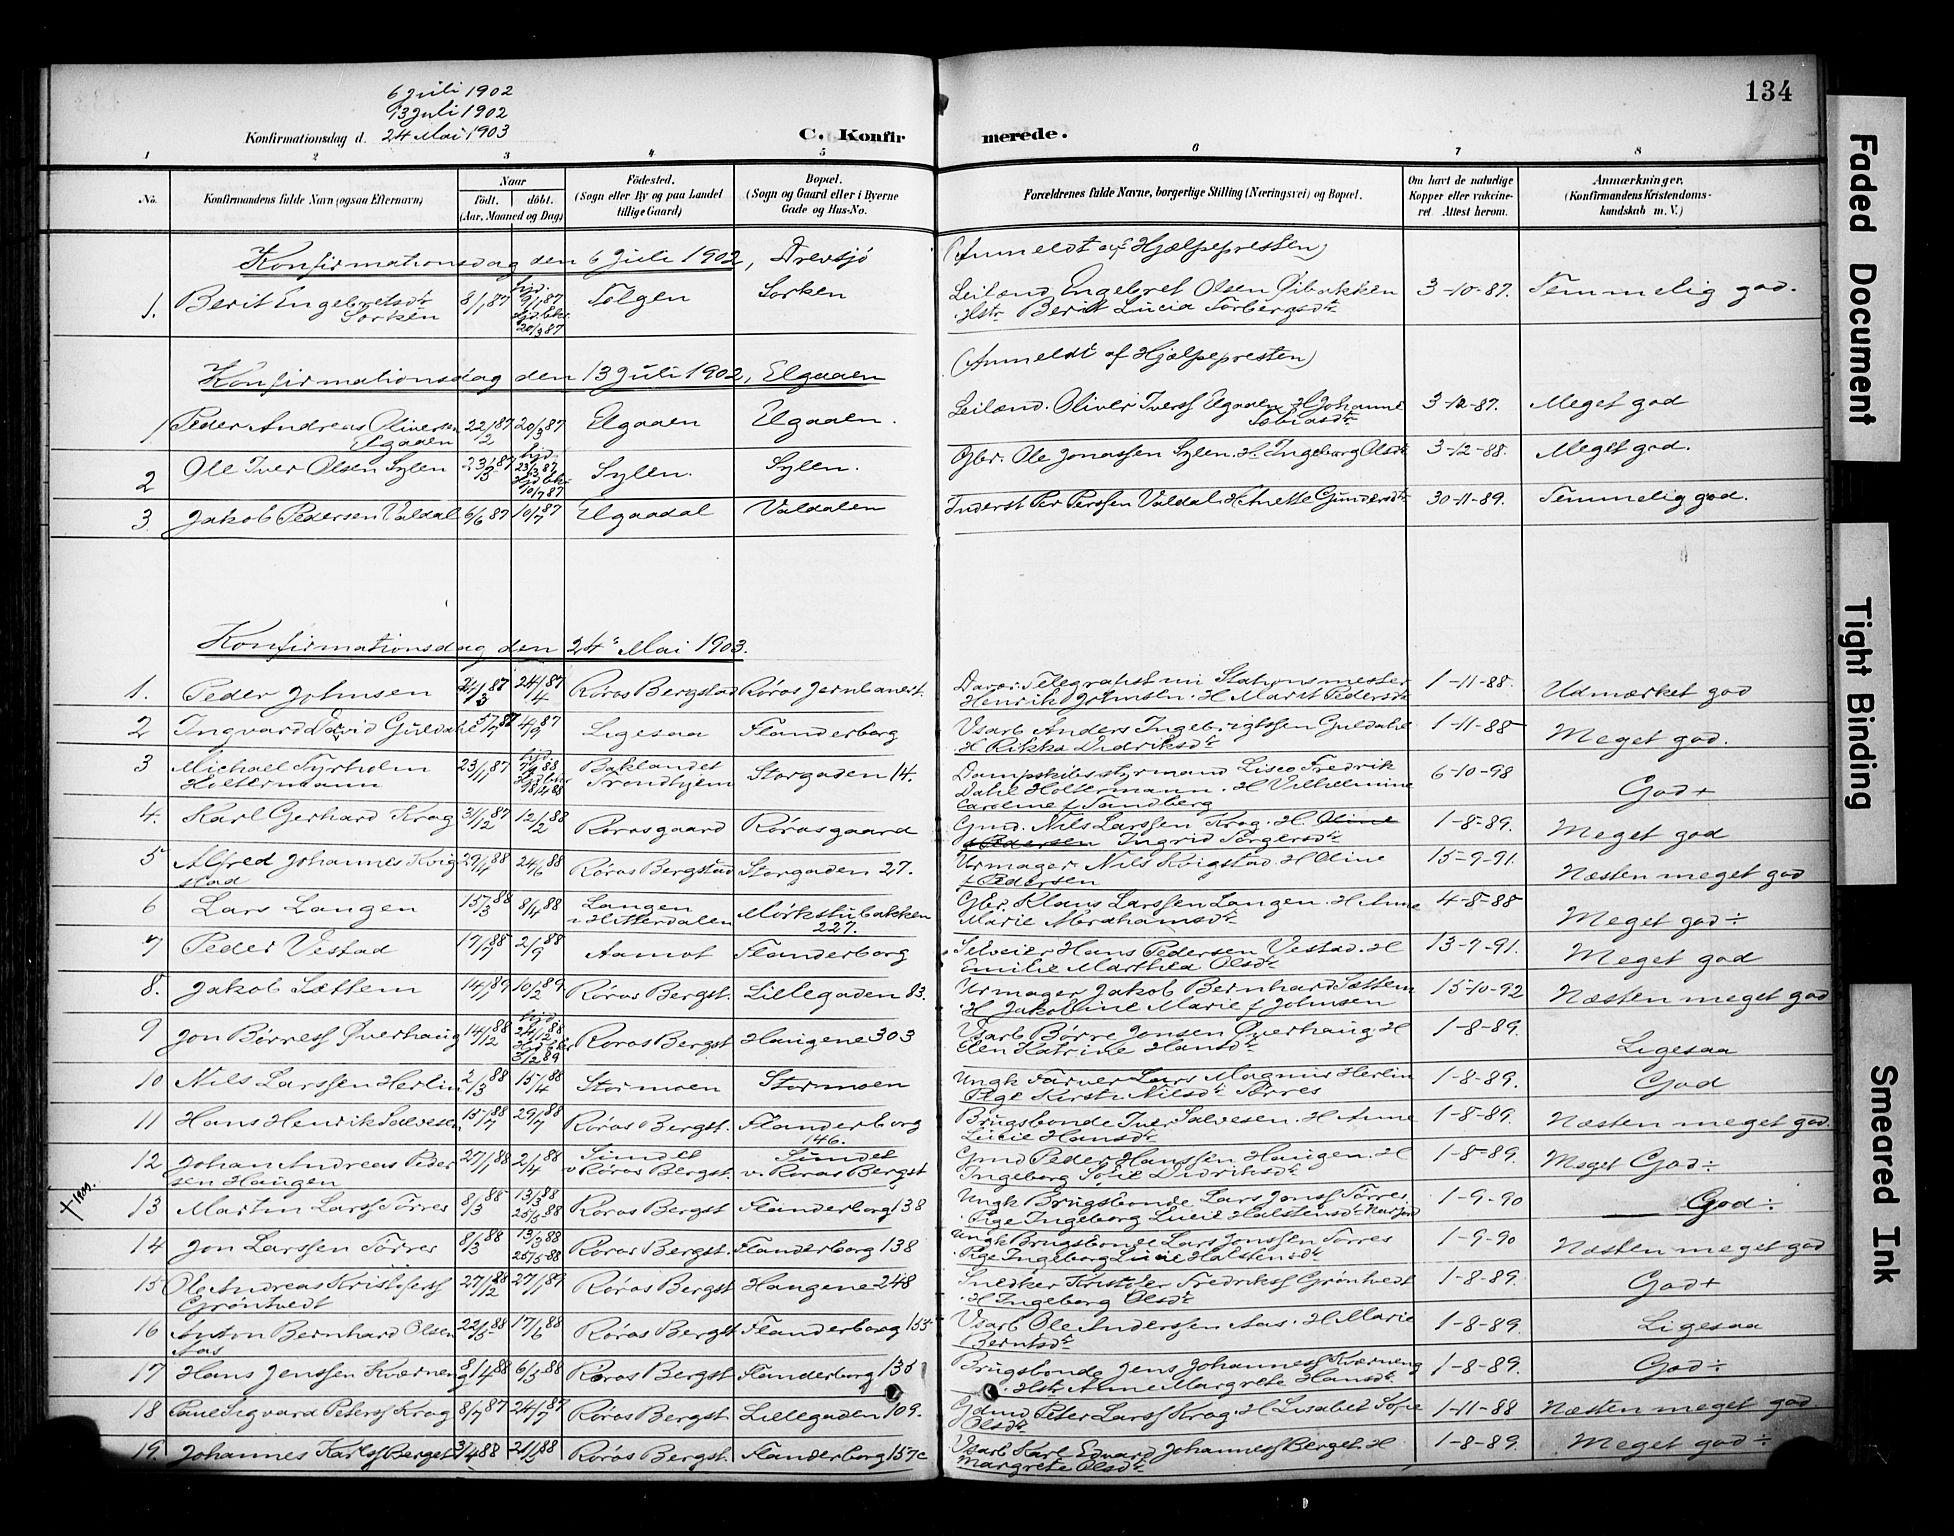 SAT, Ministerialprotokoller, klokkerbøker og fødselsregistre - Sør-Trøndelag, 681/L0936: Ministerialbok nr. 681A14, 1899-1908, s. 134